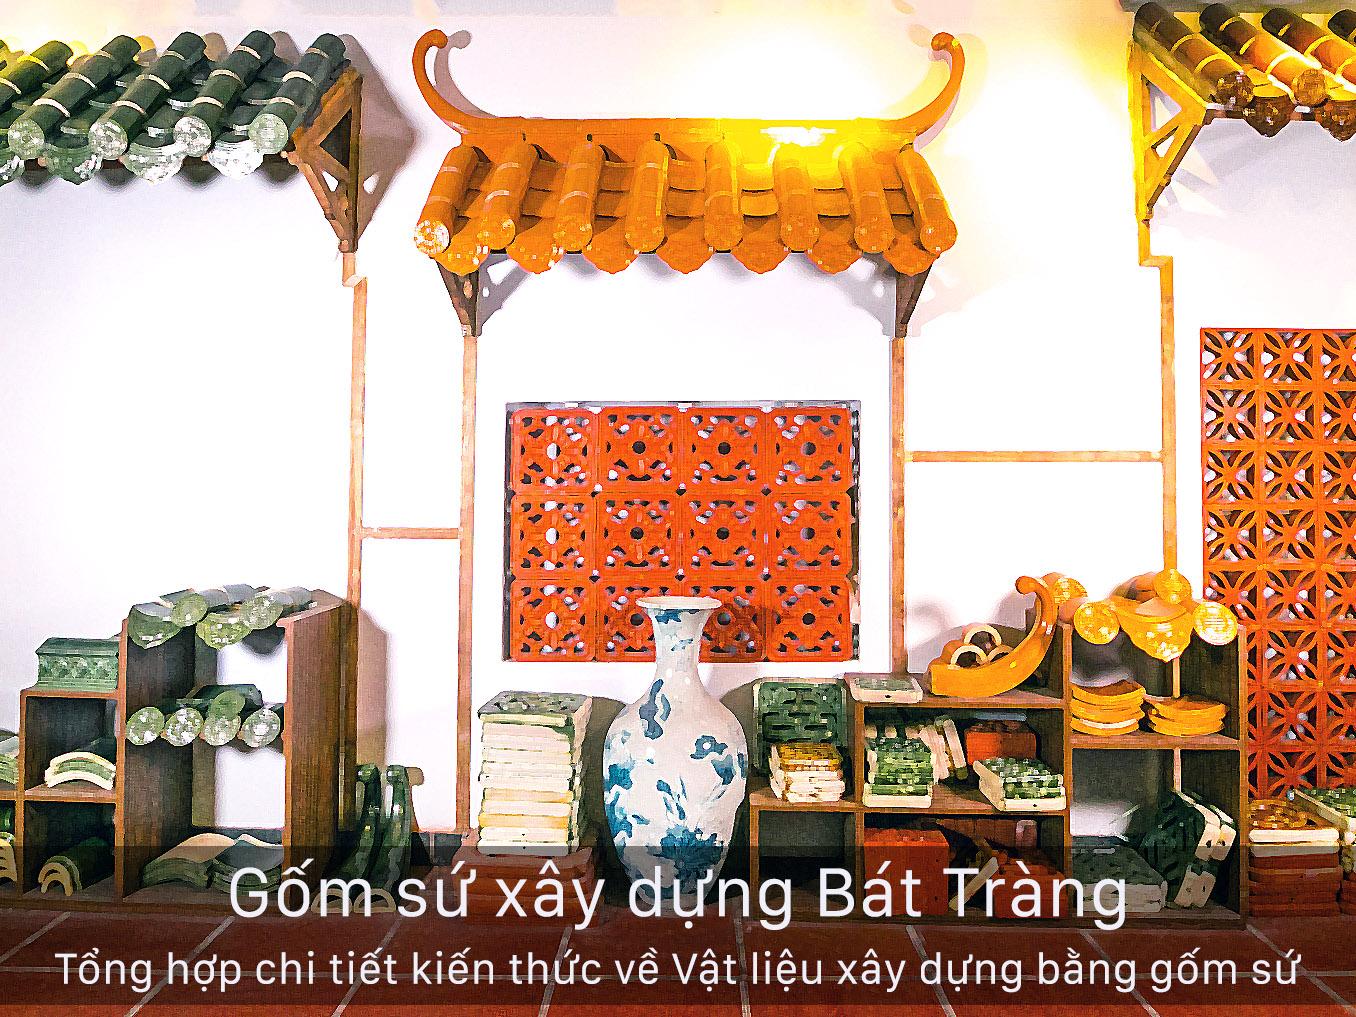 gom su xay dung Bat Trang